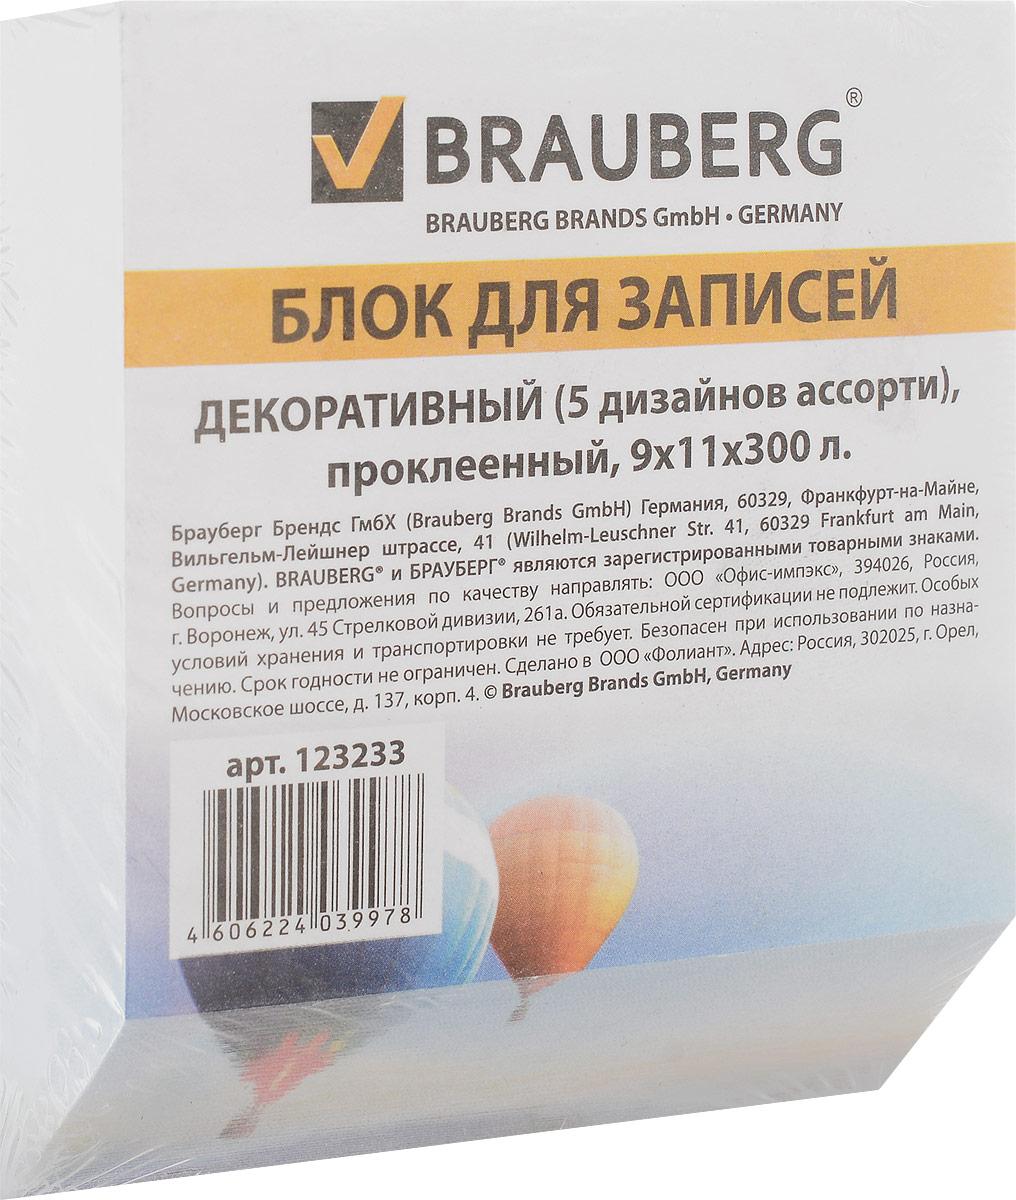 Brauberg Блок для записей Воздушные шары 9 х 11 см 300 листов123233_воздушные шарыБлок для записей Brauberg изготовлен из высококачественной офсетной бумаги. Идеально подходит для быстрой фиксации информации. Благодаря яркой цветовой гамме, современному дизайну и оригинальной конструкции вносит в деловую атмосферу офиса яркую ноту.